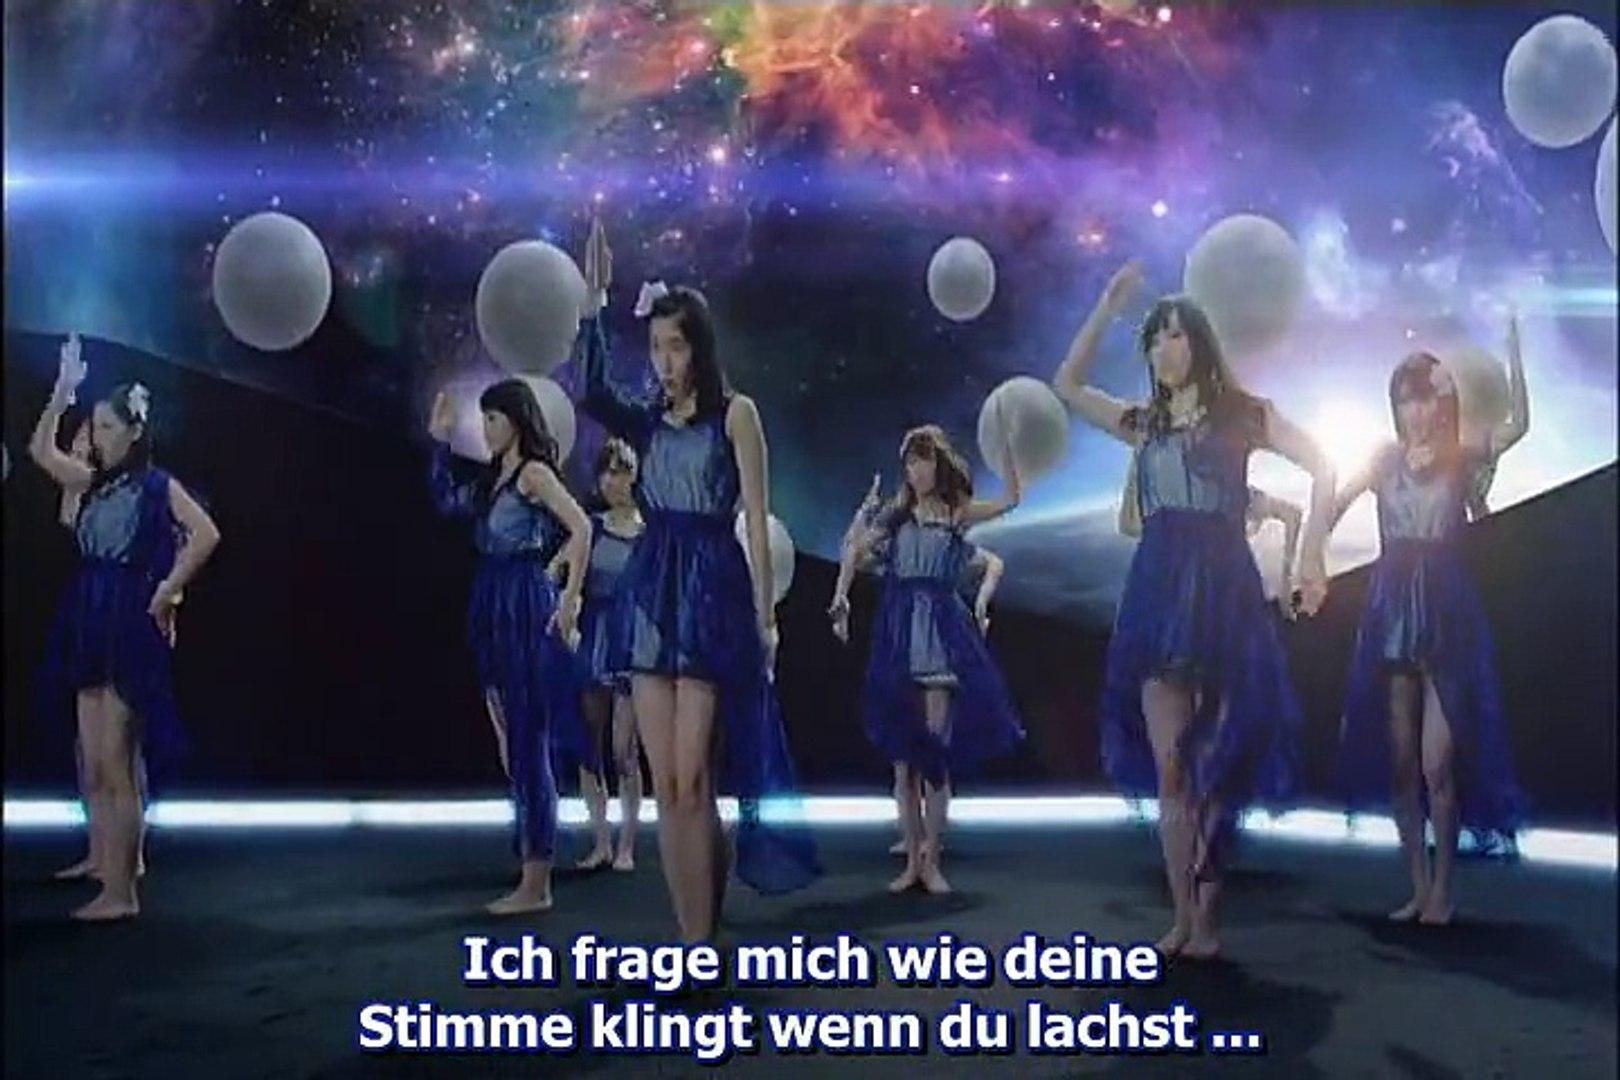 Morning Musume '14 - Toki wo Koe Sora wo Koe (deutscher Untertitel)